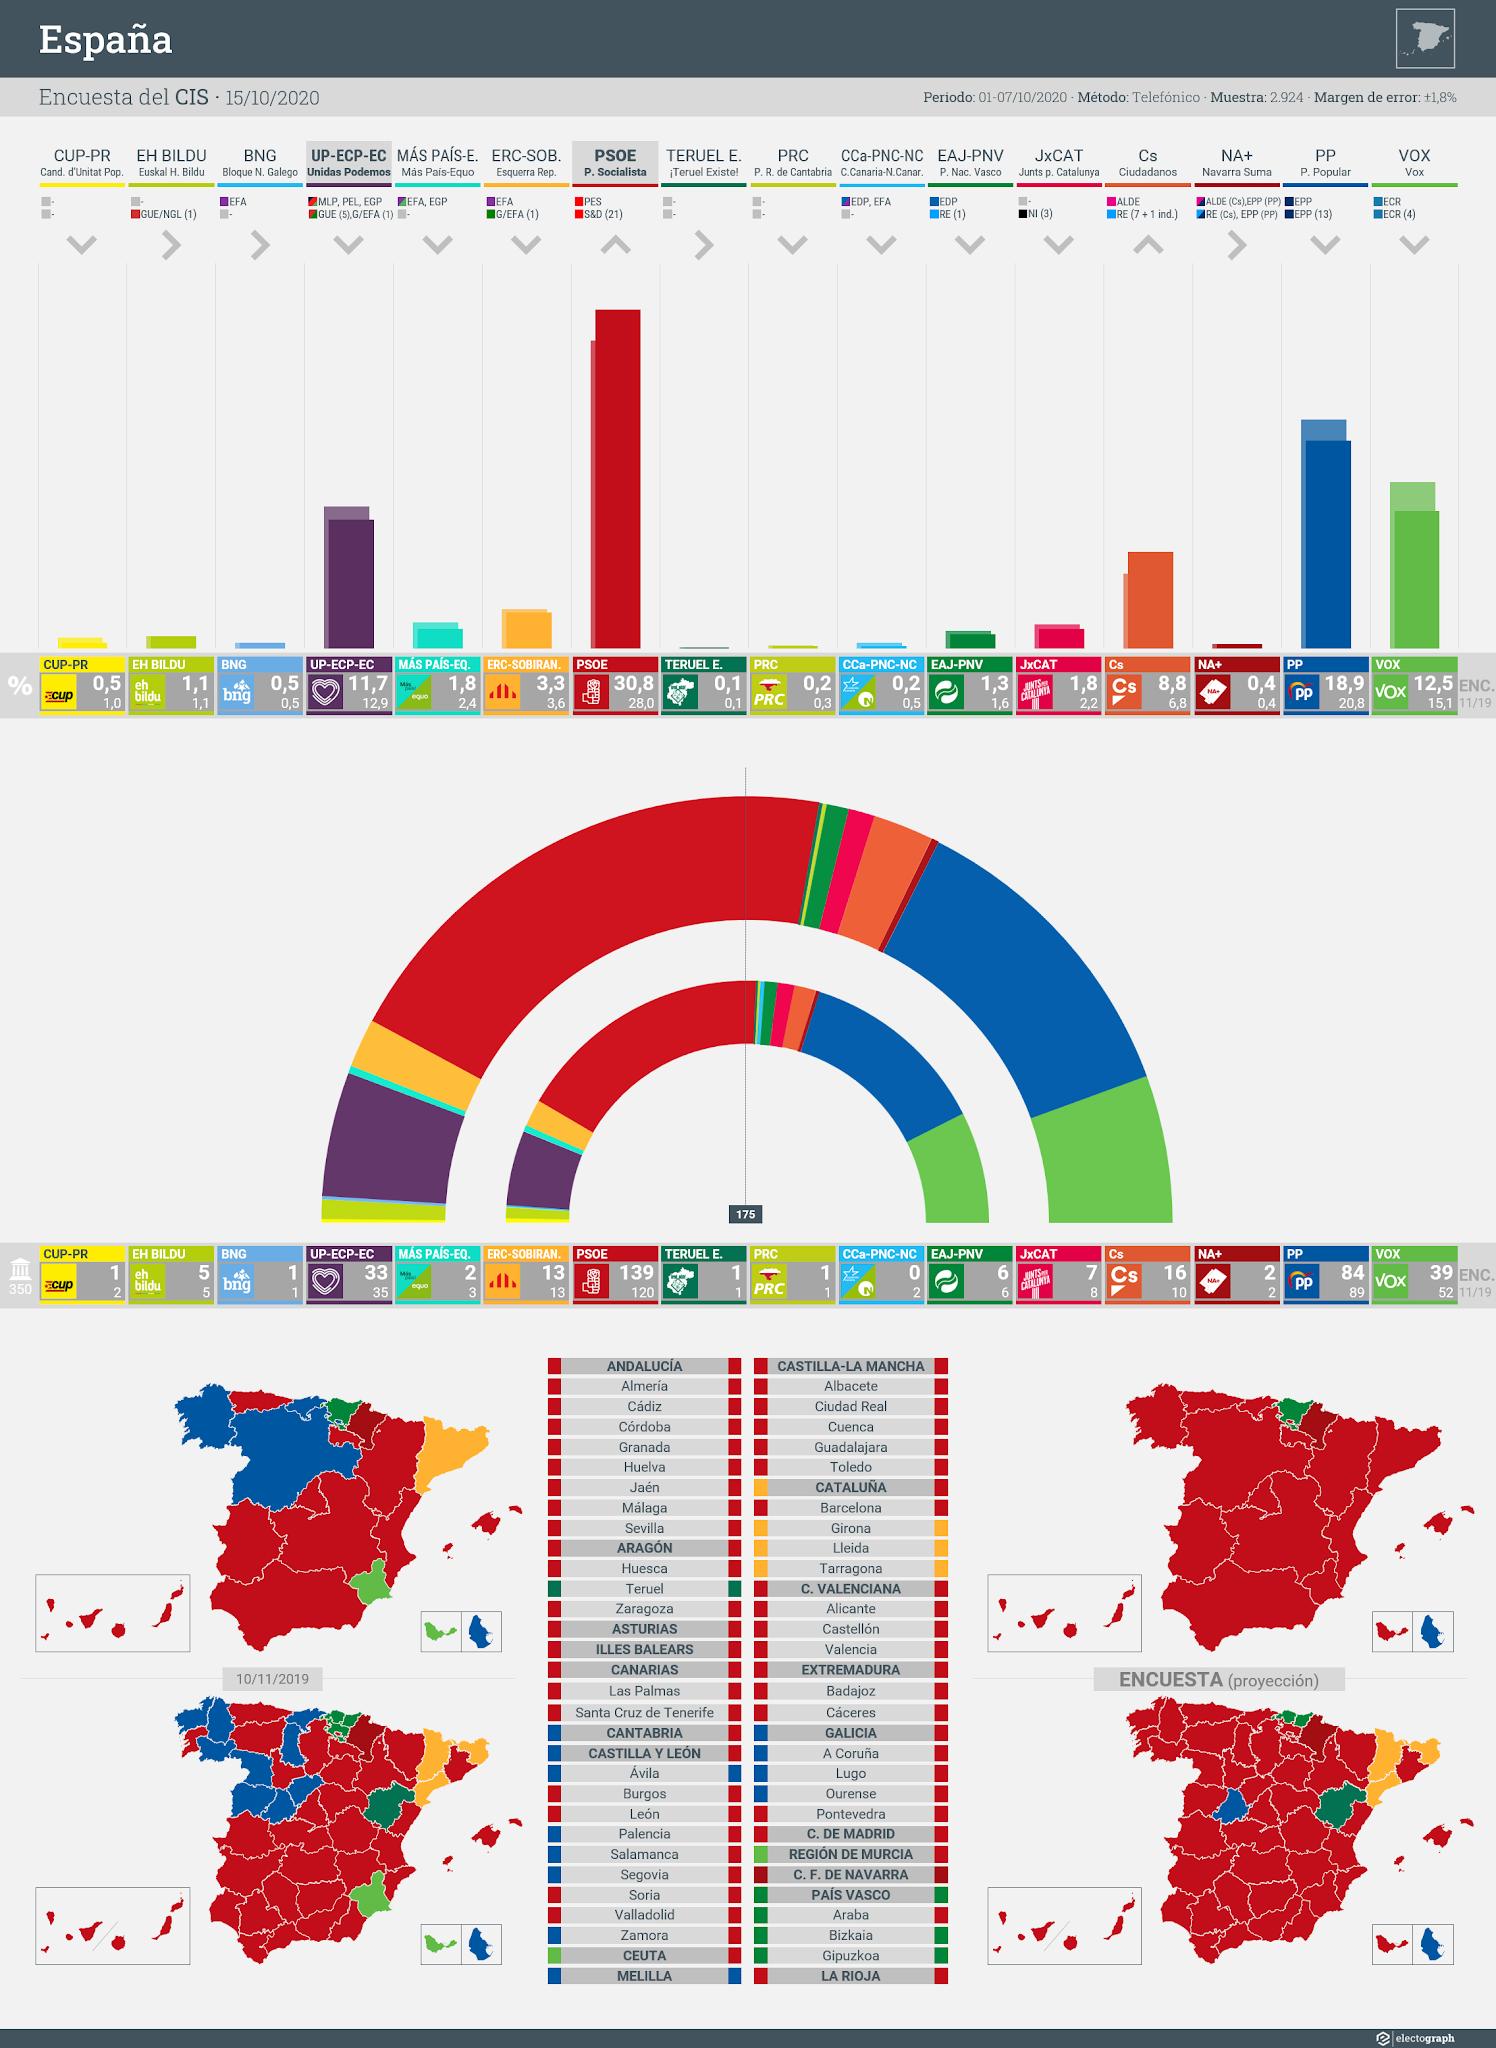 Gráfico de la encuesta para elecciones generales en España realizada por el CIS, 15 de octubre de 2020